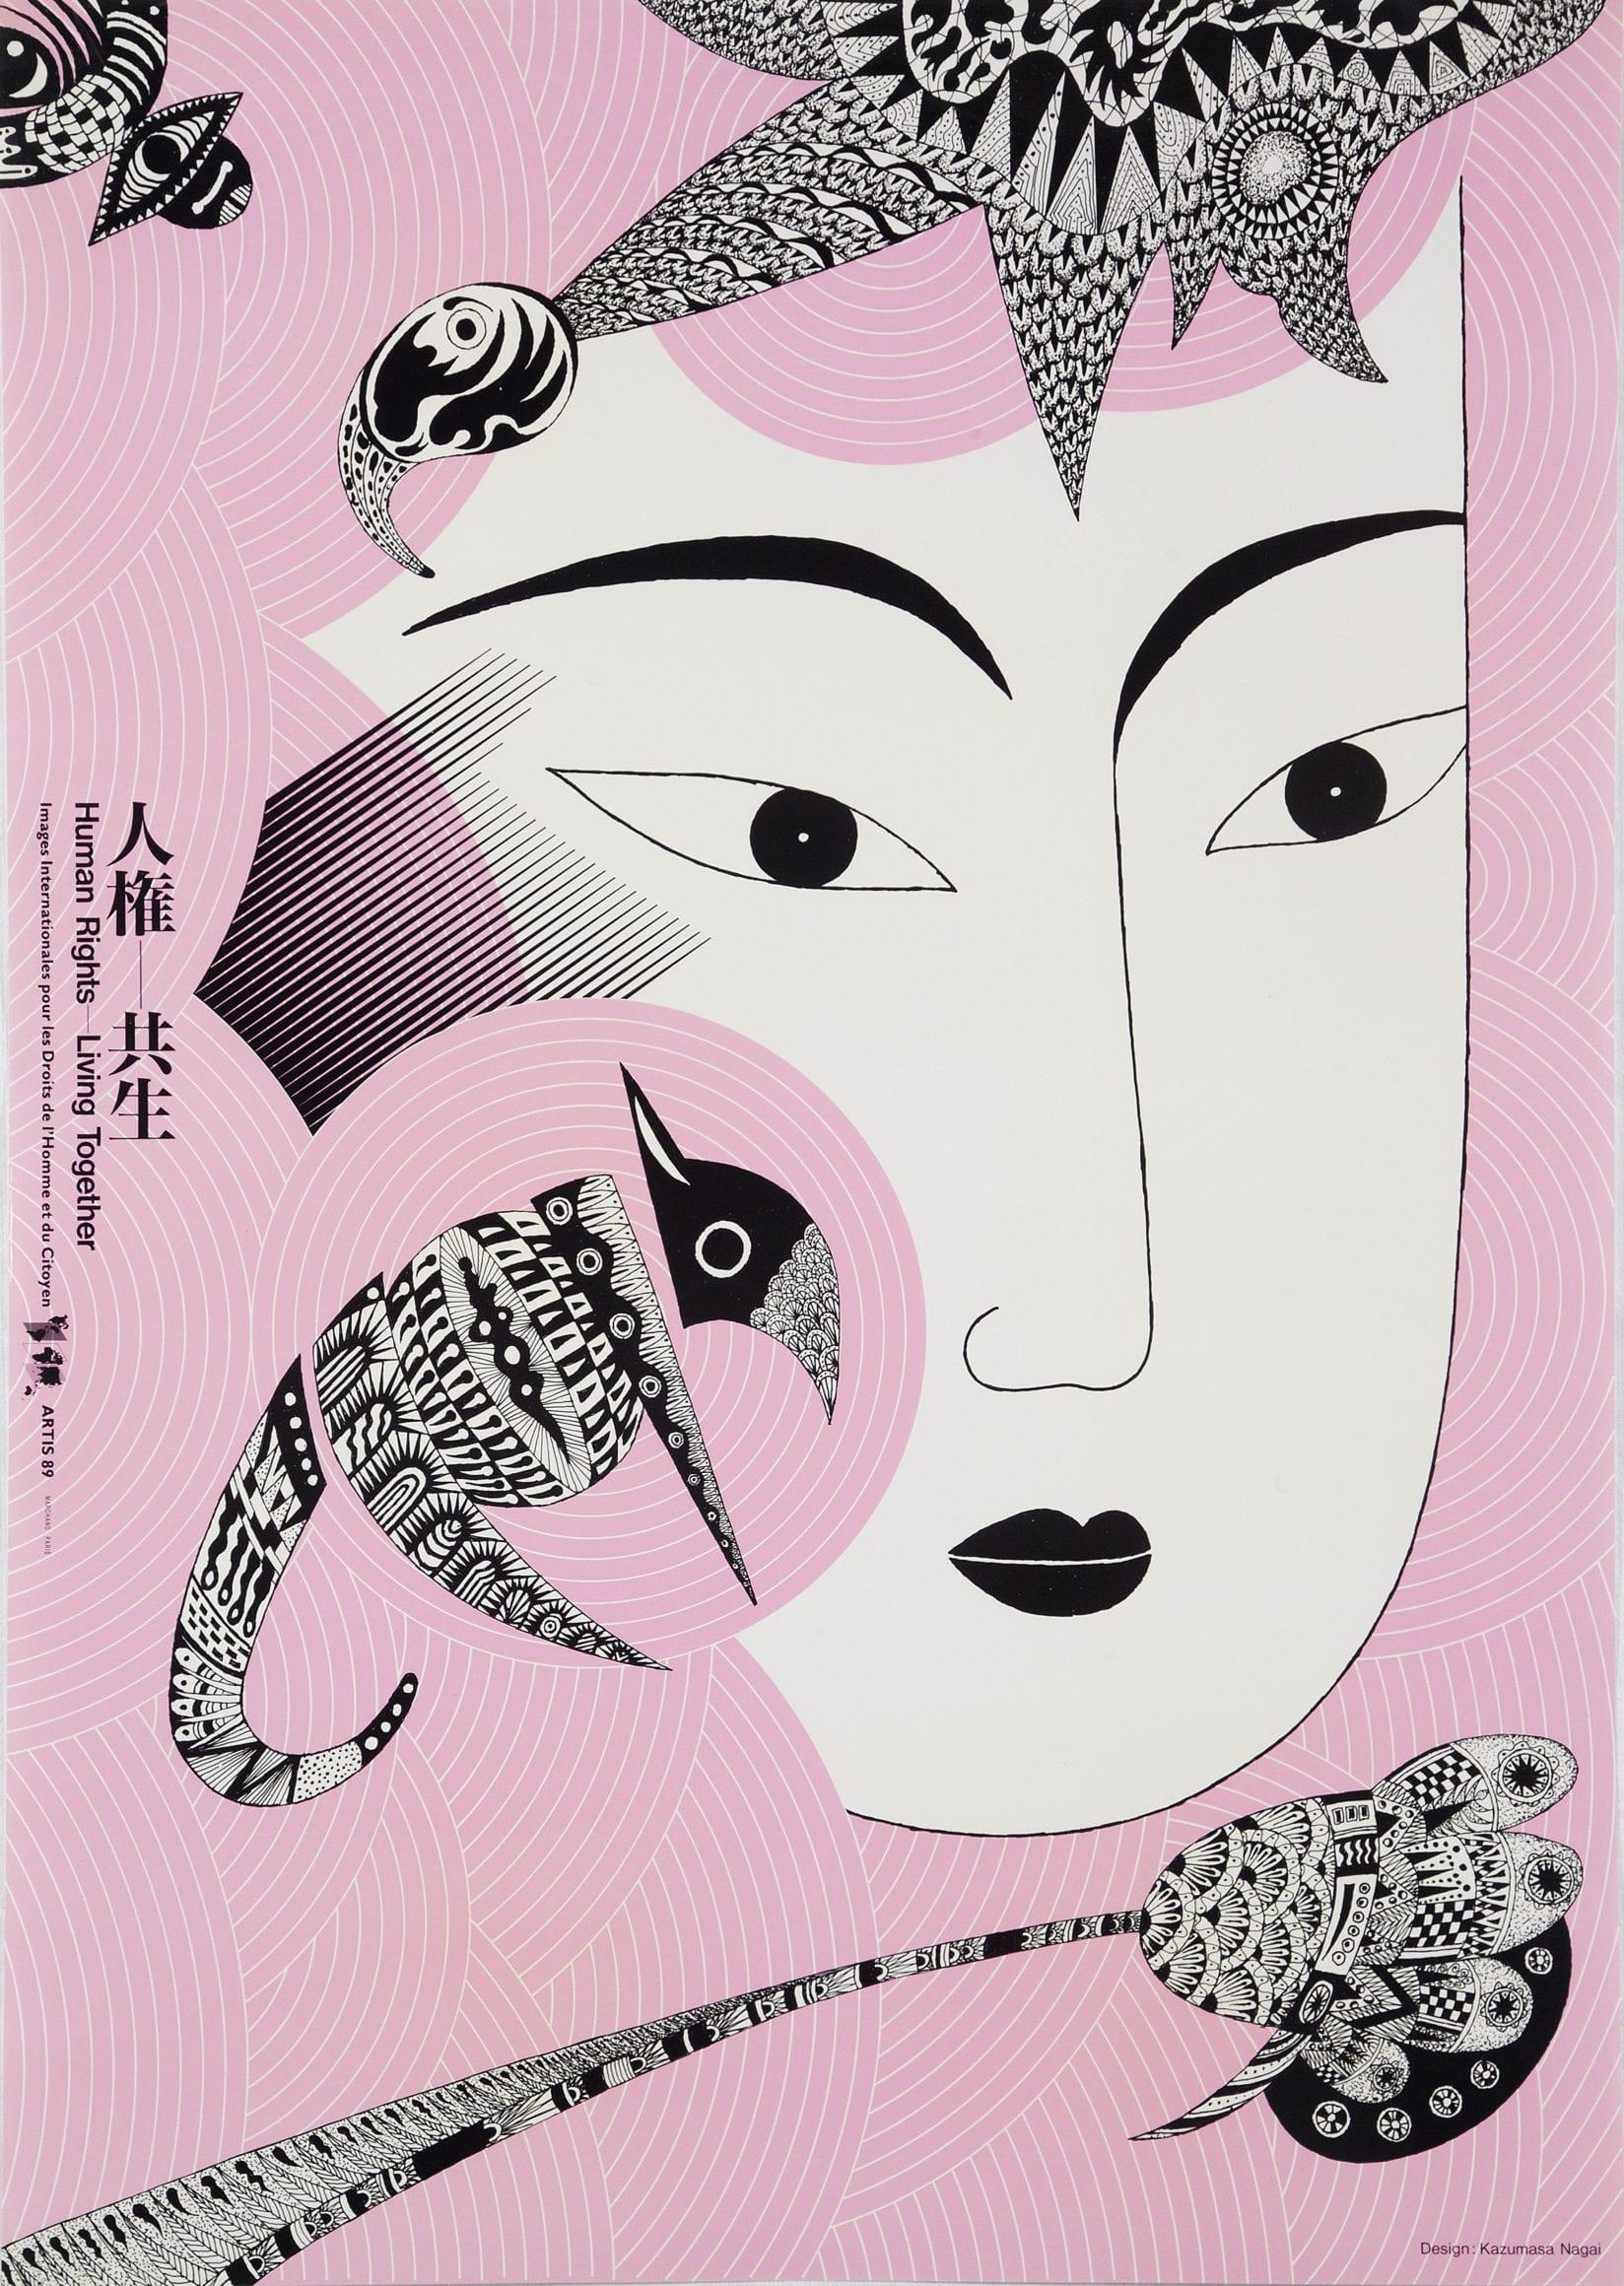 nagaipj 14 - Farebné Japonsko prezentujú inšpiratívne plagáty